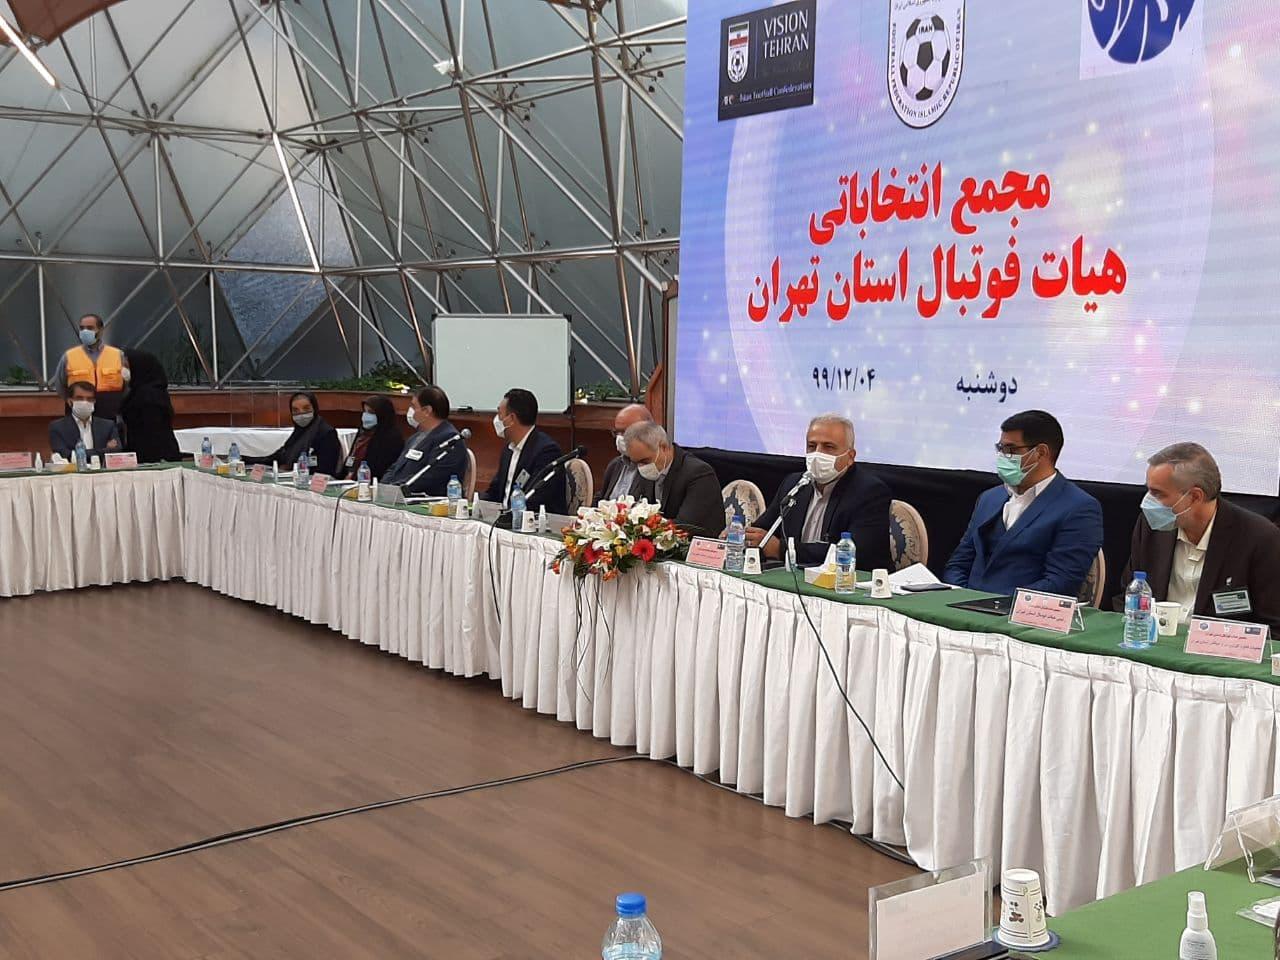 ابطال انتخابات هیات فوتبال تهران جدی شد